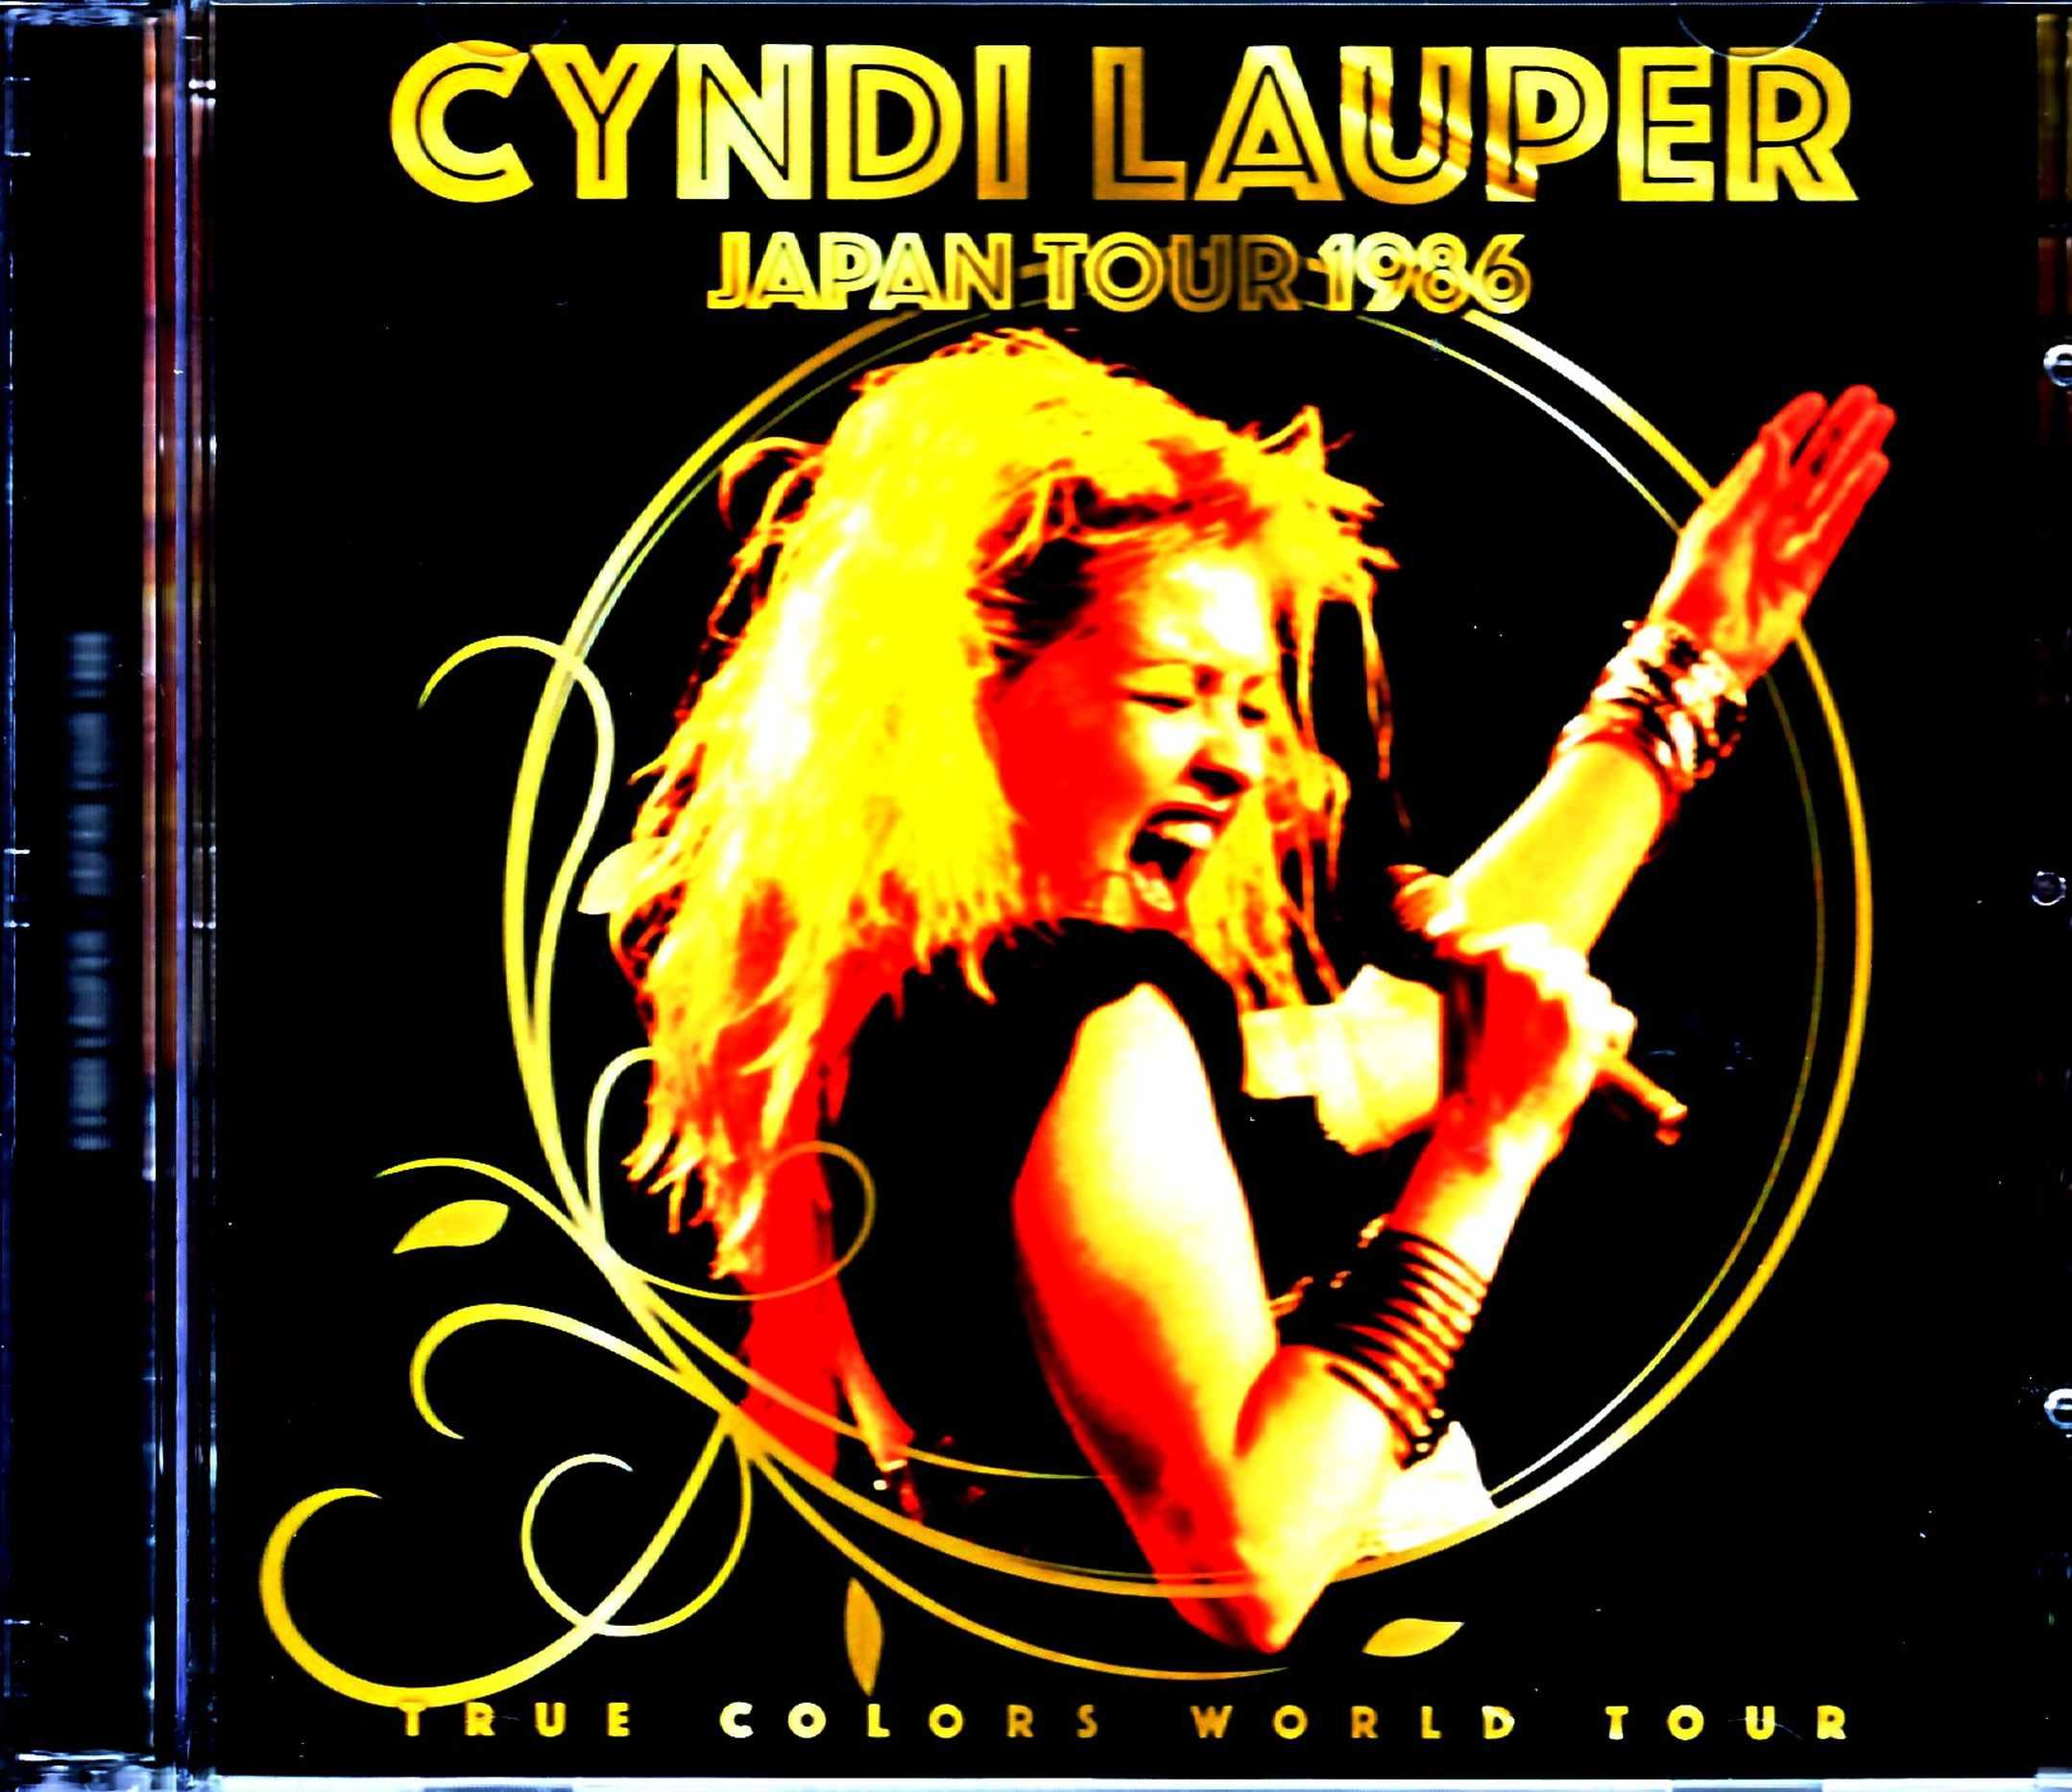 Cyndi Lauper シンディ・ローパー/Tokyo,Japan 0986 SBD + Ambient Mic Mix